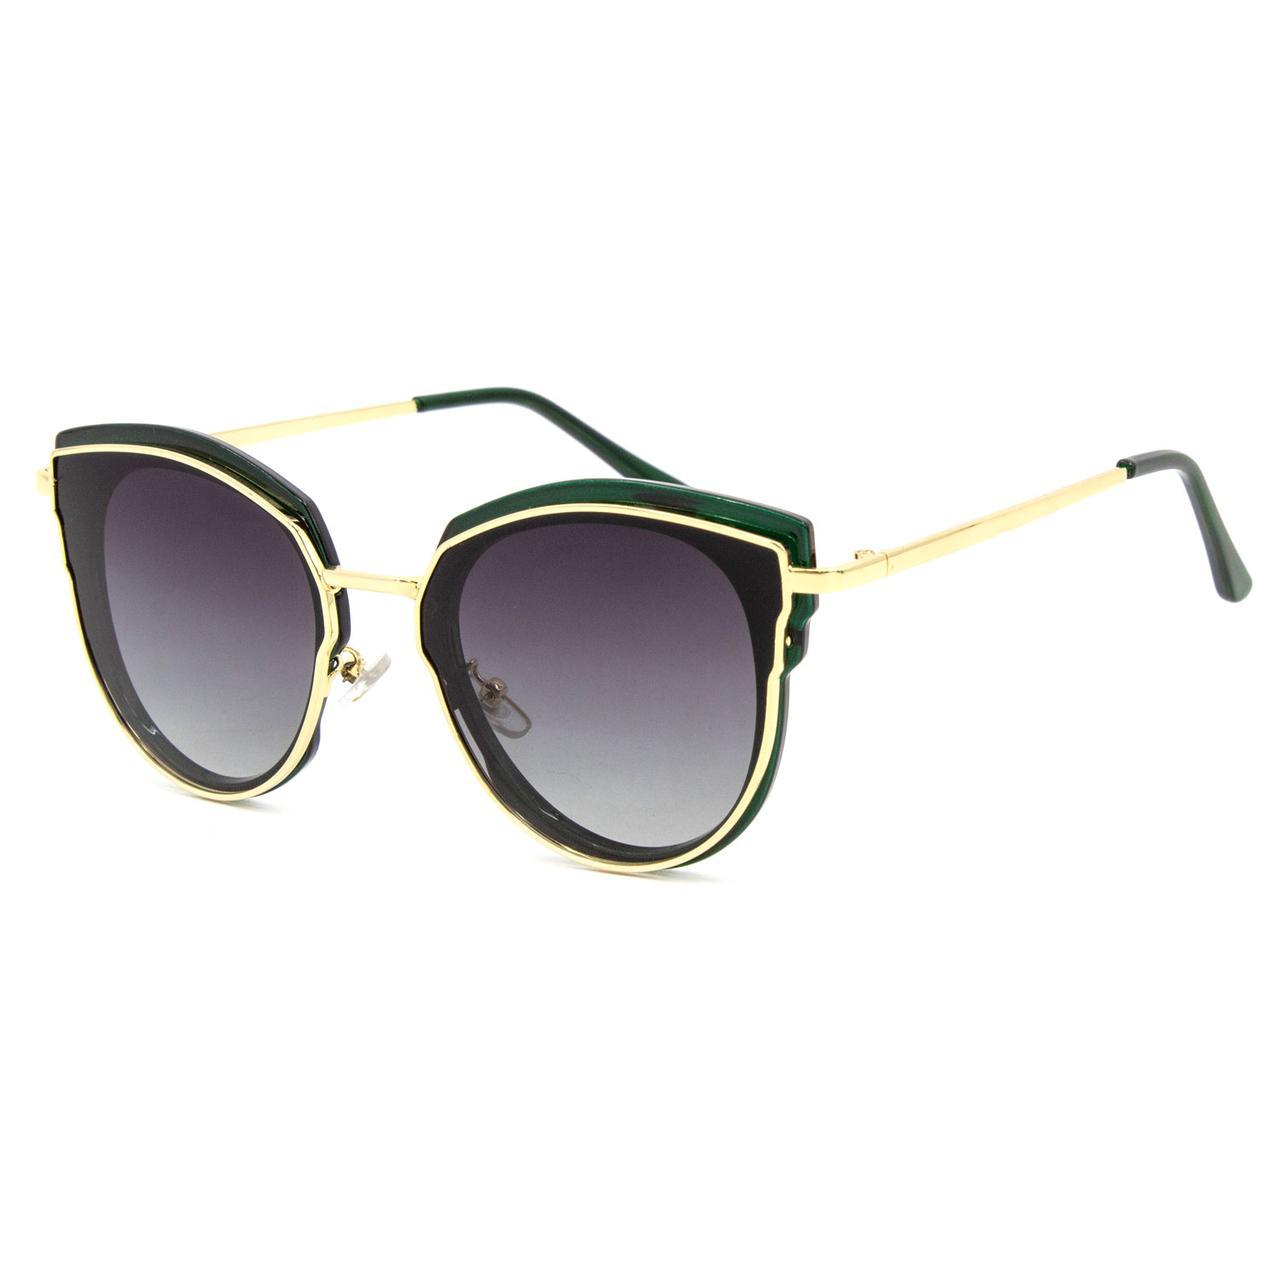 Солнцезащитные очки Marmilen Polar 3148 C5 зеленые    ( 3148-05 )